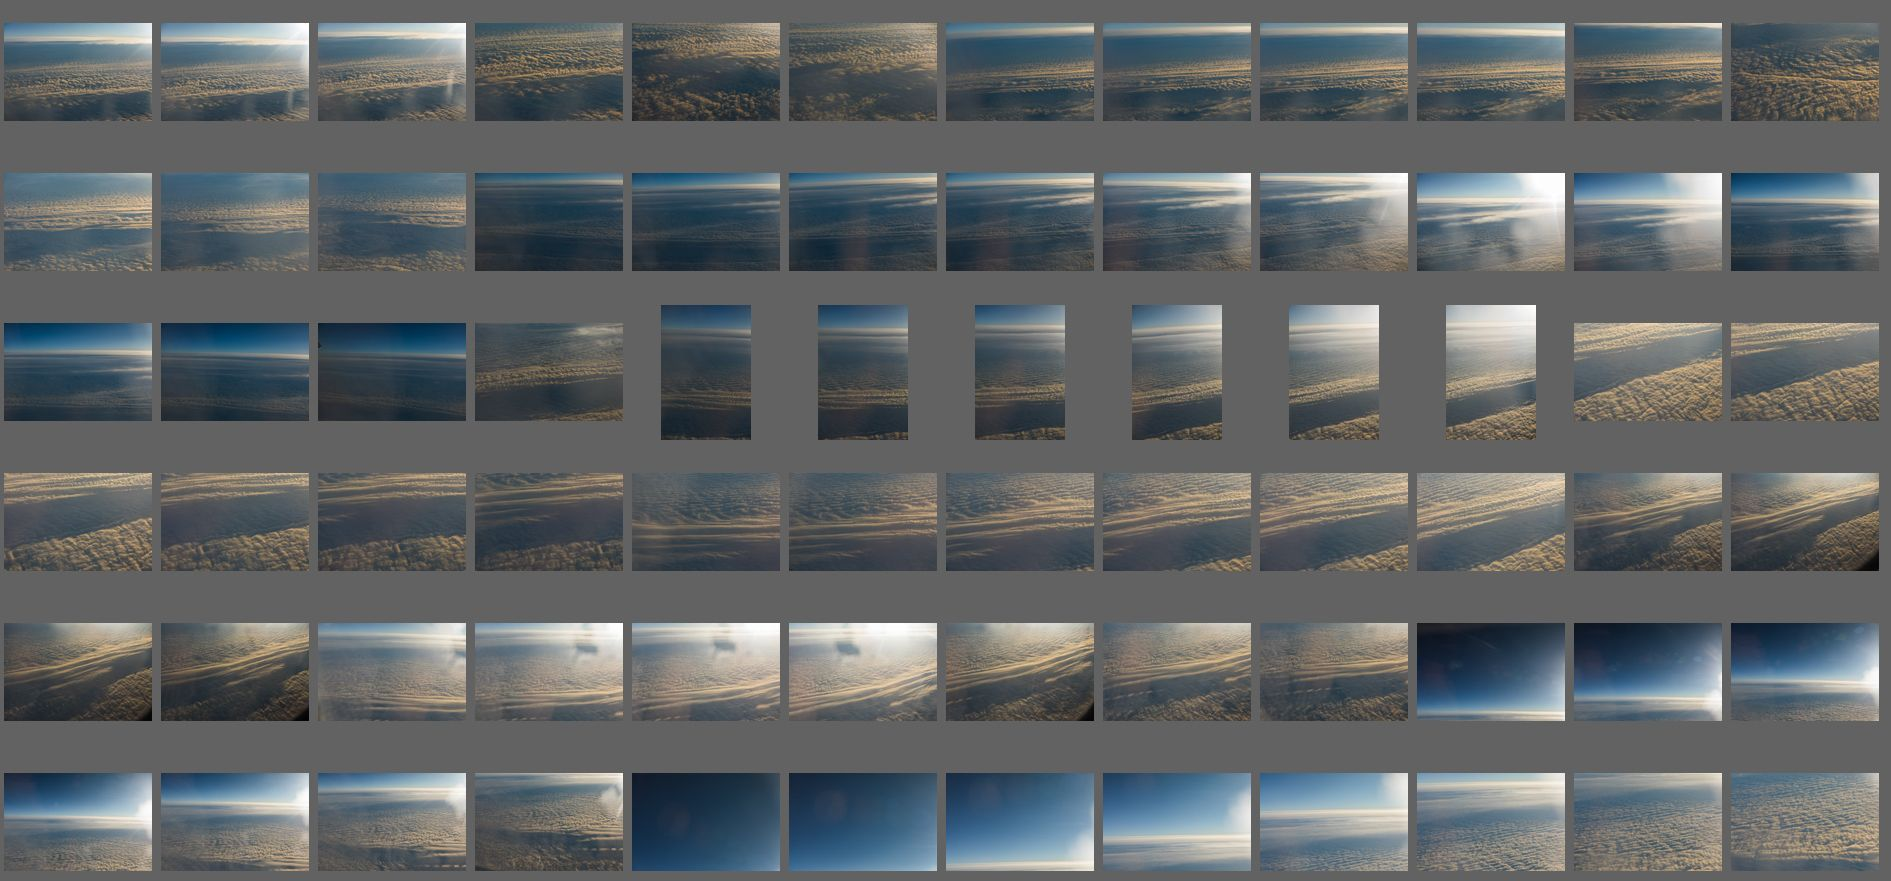 دانلود بک گراند آسمانابری پانوراما Aerial Clouds vol.7